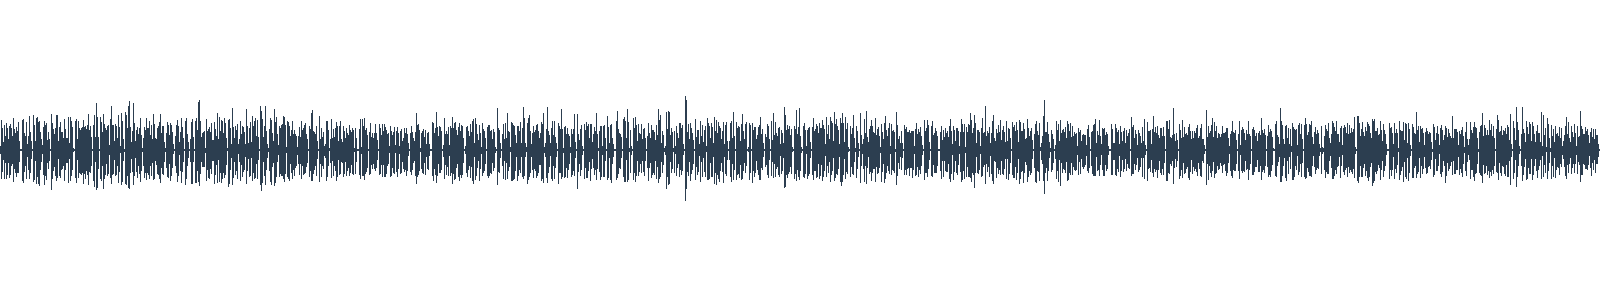 Historie a vznik Slevomatu - Haluz, která se prodala za 1,5 miliardy korun waveform